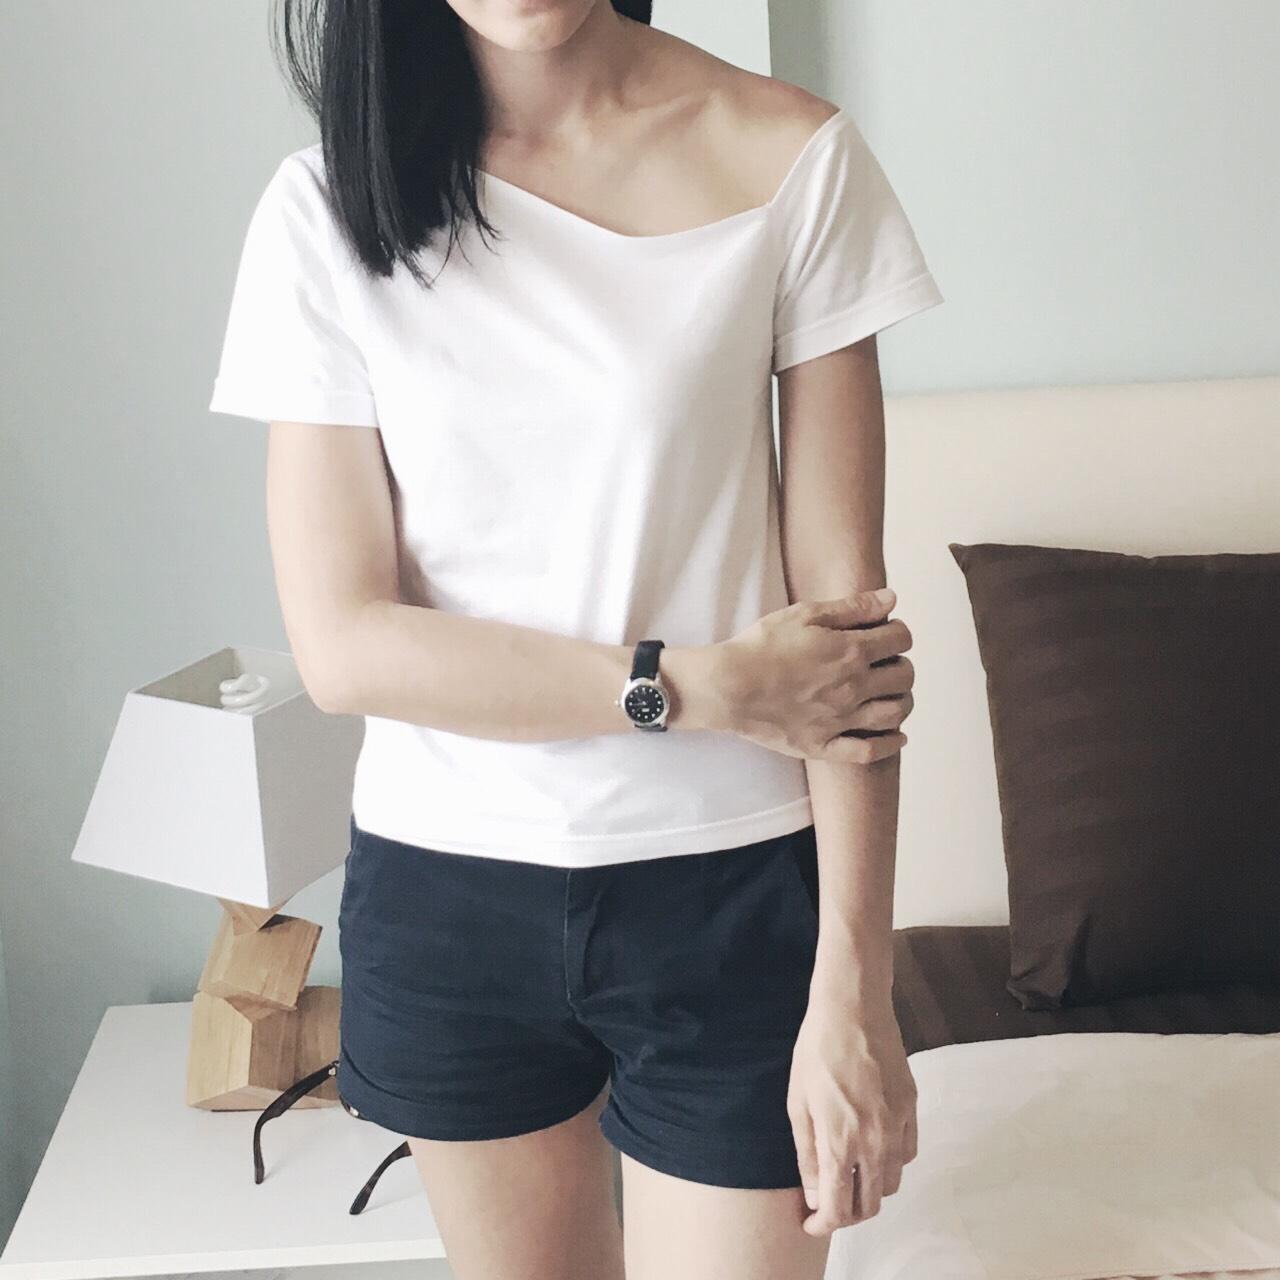 LapinDesigns,ผู้หญิง,Women,เสื้อยืด,เสื้อผู้หญิง,เสื้อยืดผู้หญิง,tshirt,เสื้อยืดแขนสั้น,เสื้อยืดสีพื้น,เสื้อยืดสีขาว